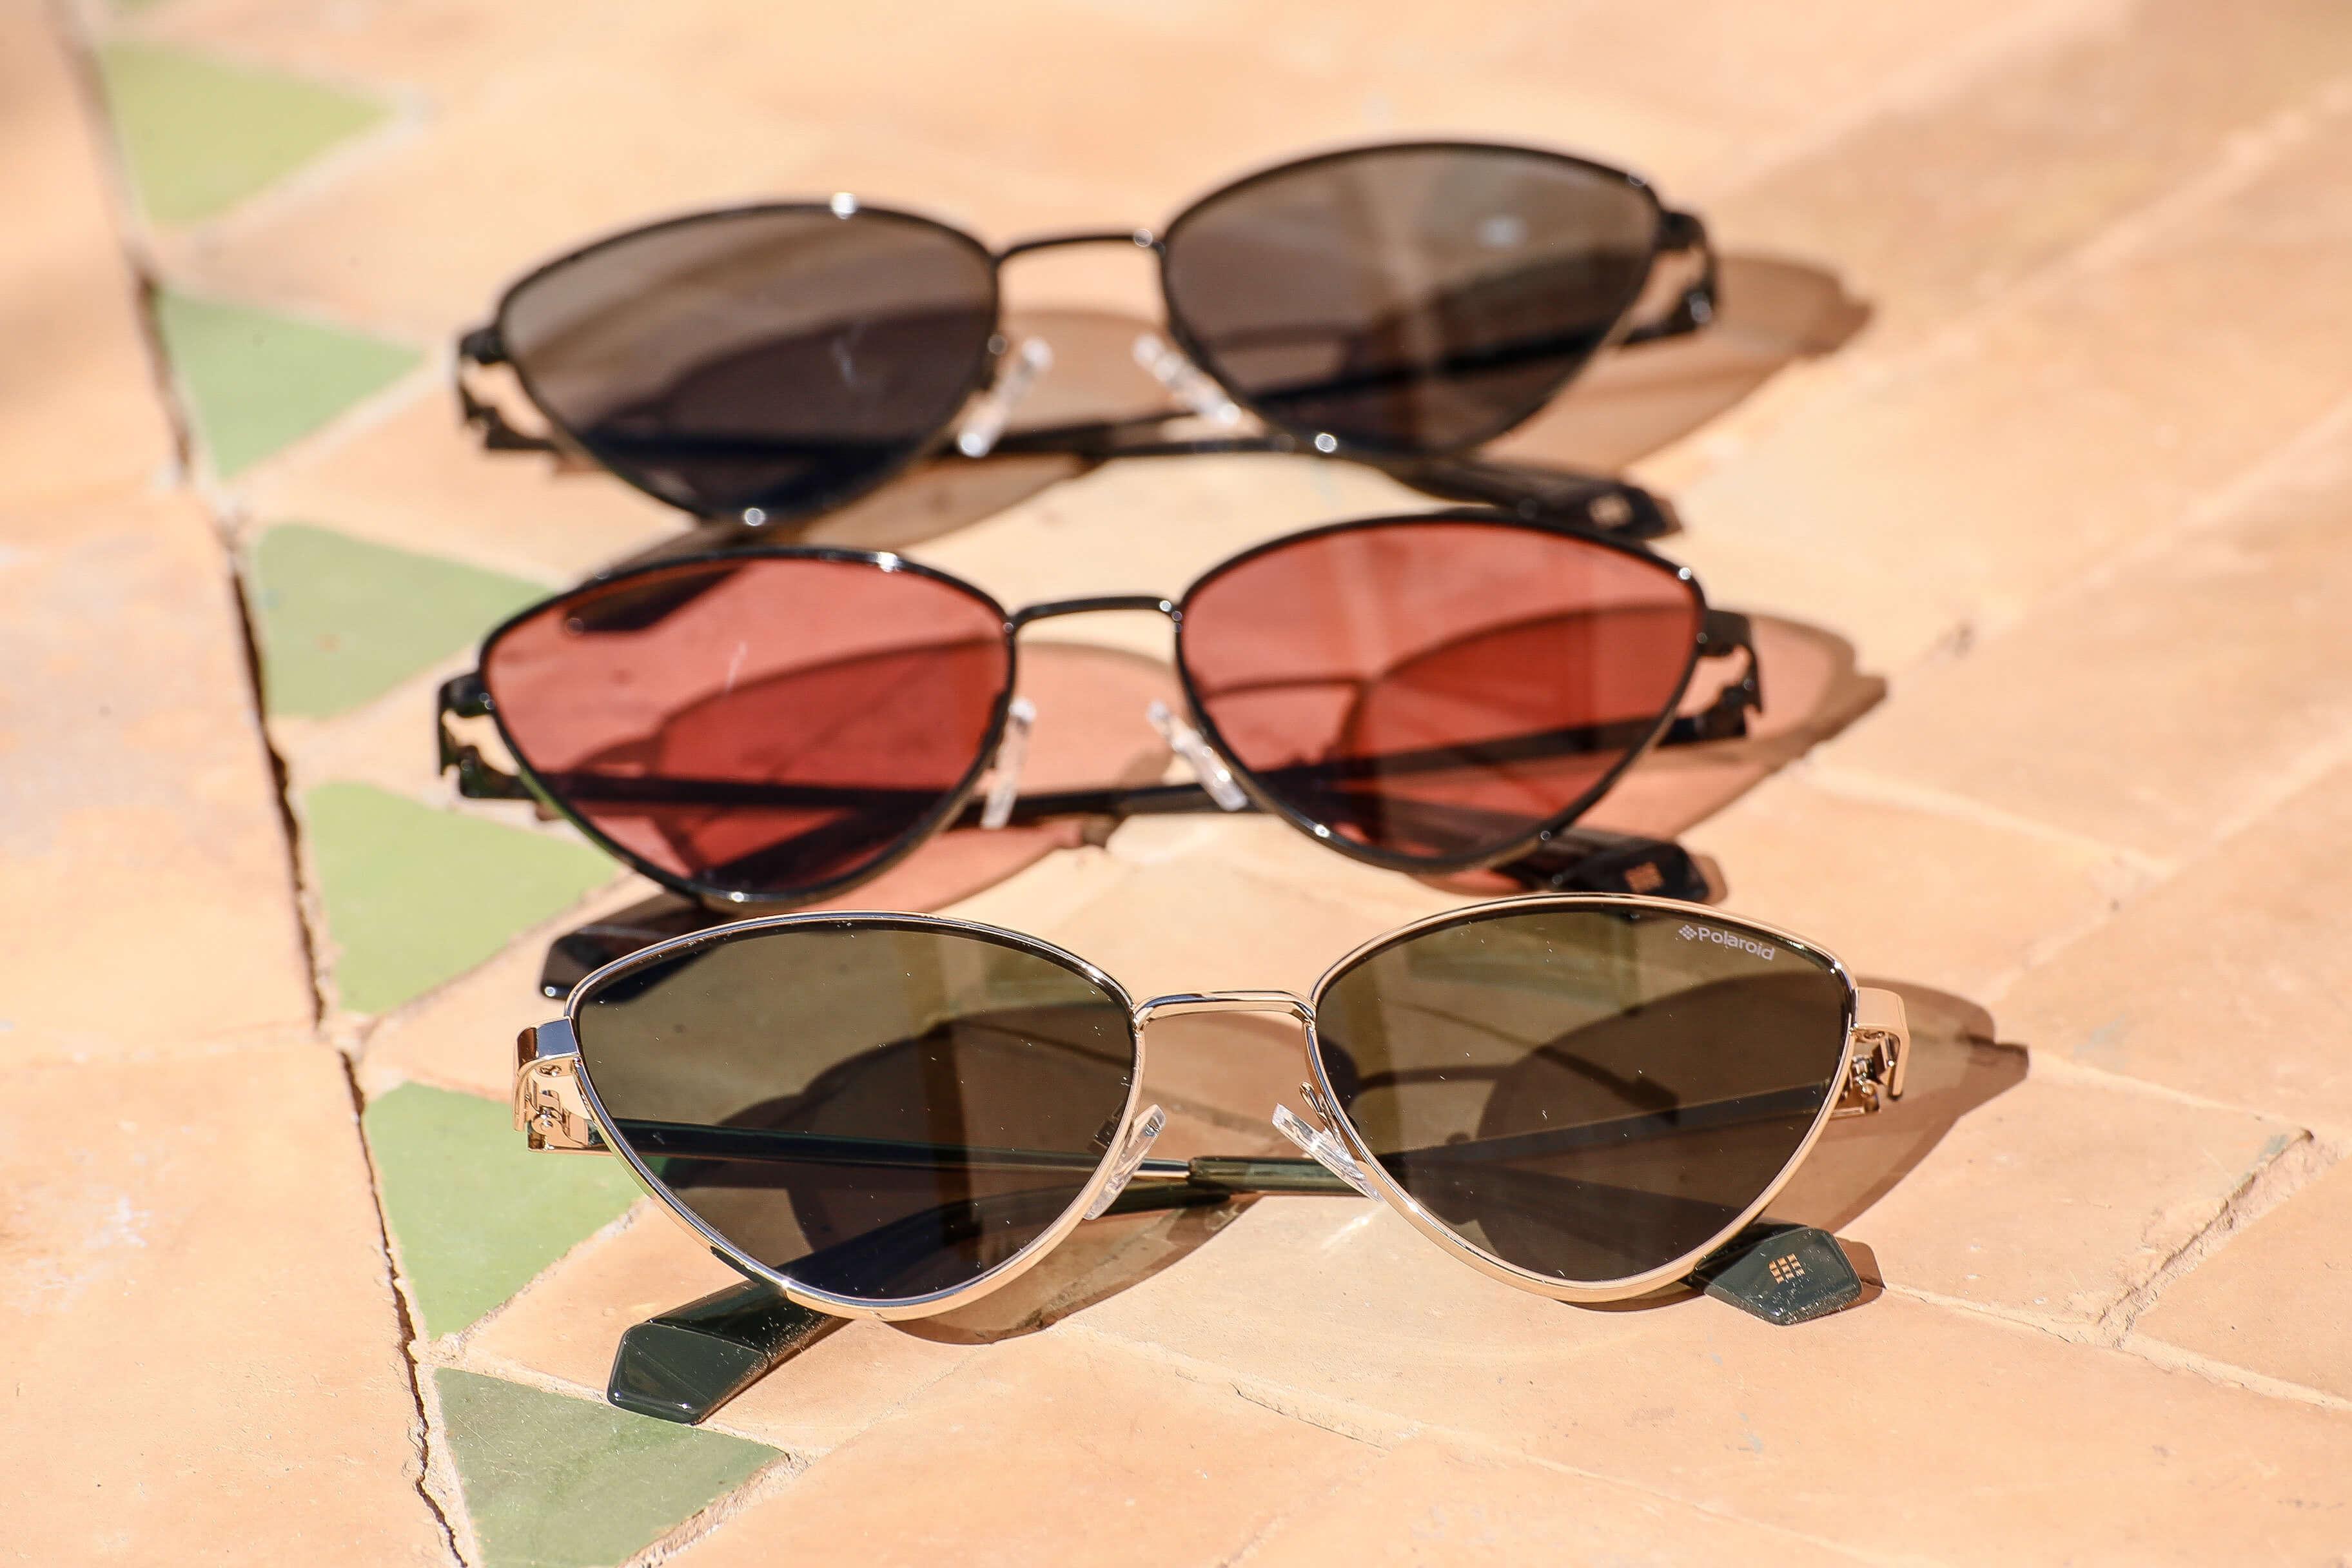 Polaroid Y Sara Carbonero Lanzan Una Colección De Gafas De Sol Optimoda